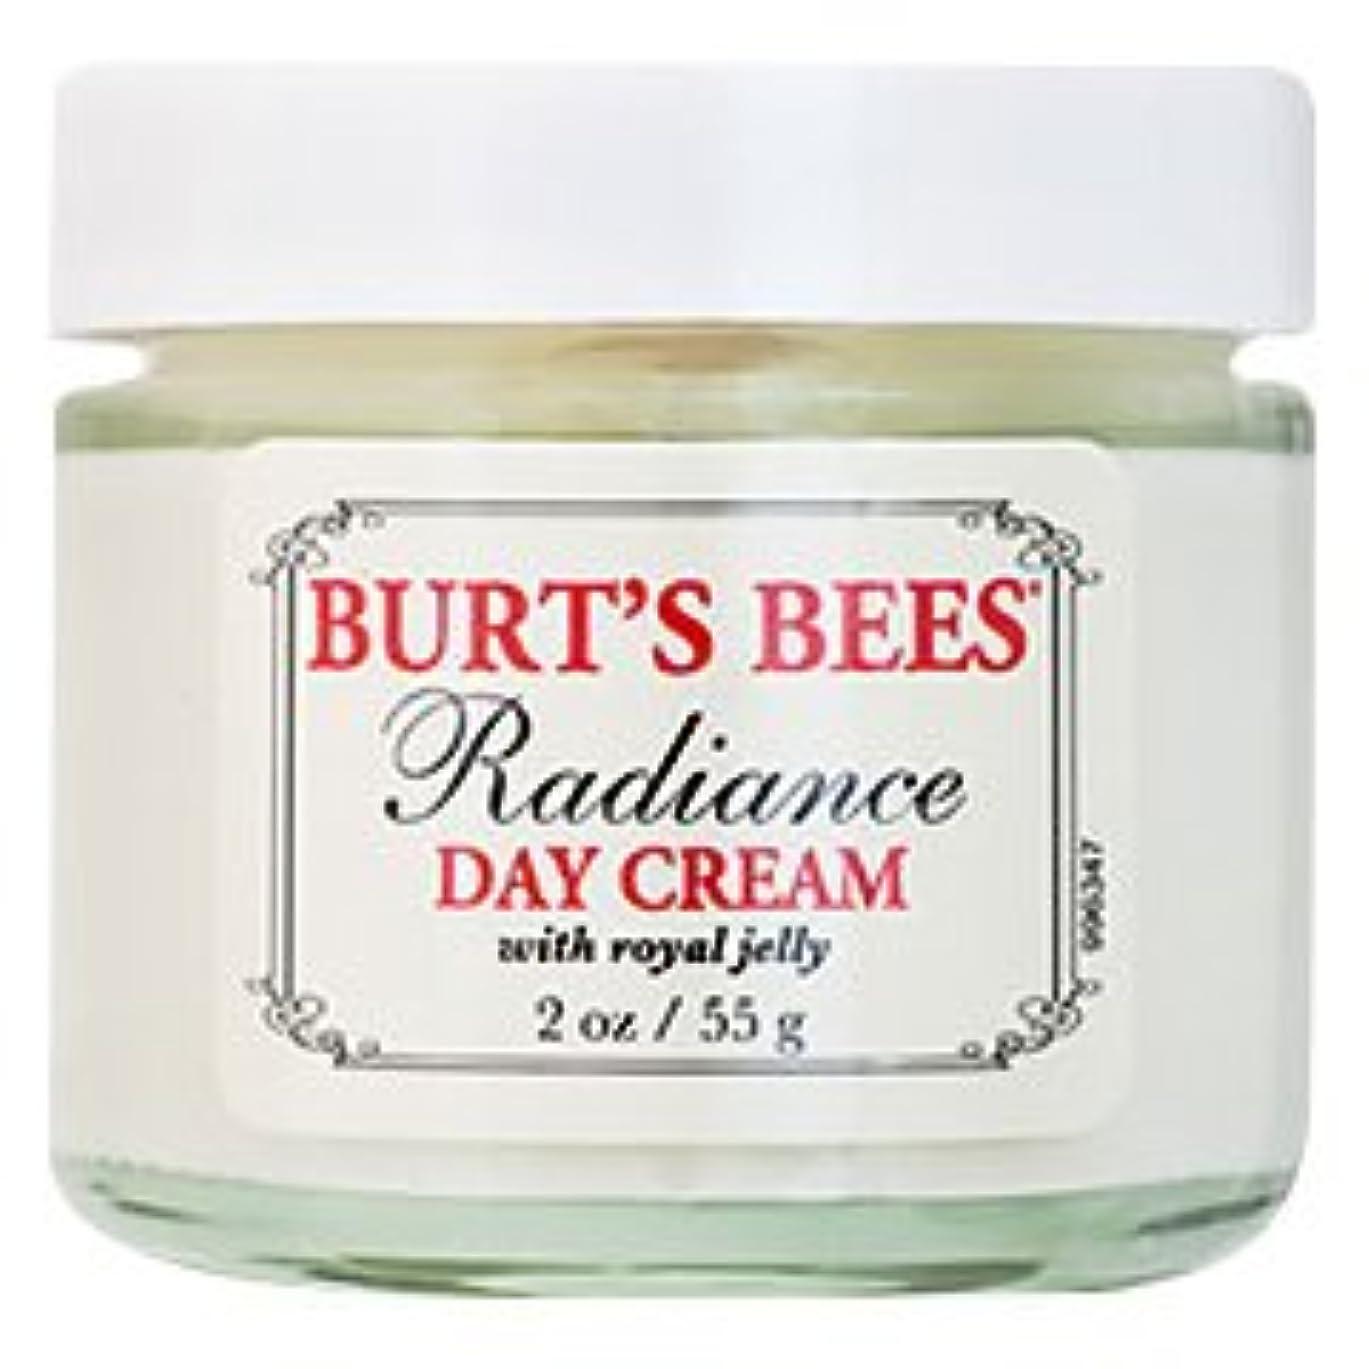 哲学者満了好ましいバーツビーズ(Burt's Bees) ラディアンス デイクリーム(ロイヤルジェリー) 55g [海外直送品][並行輸入品]